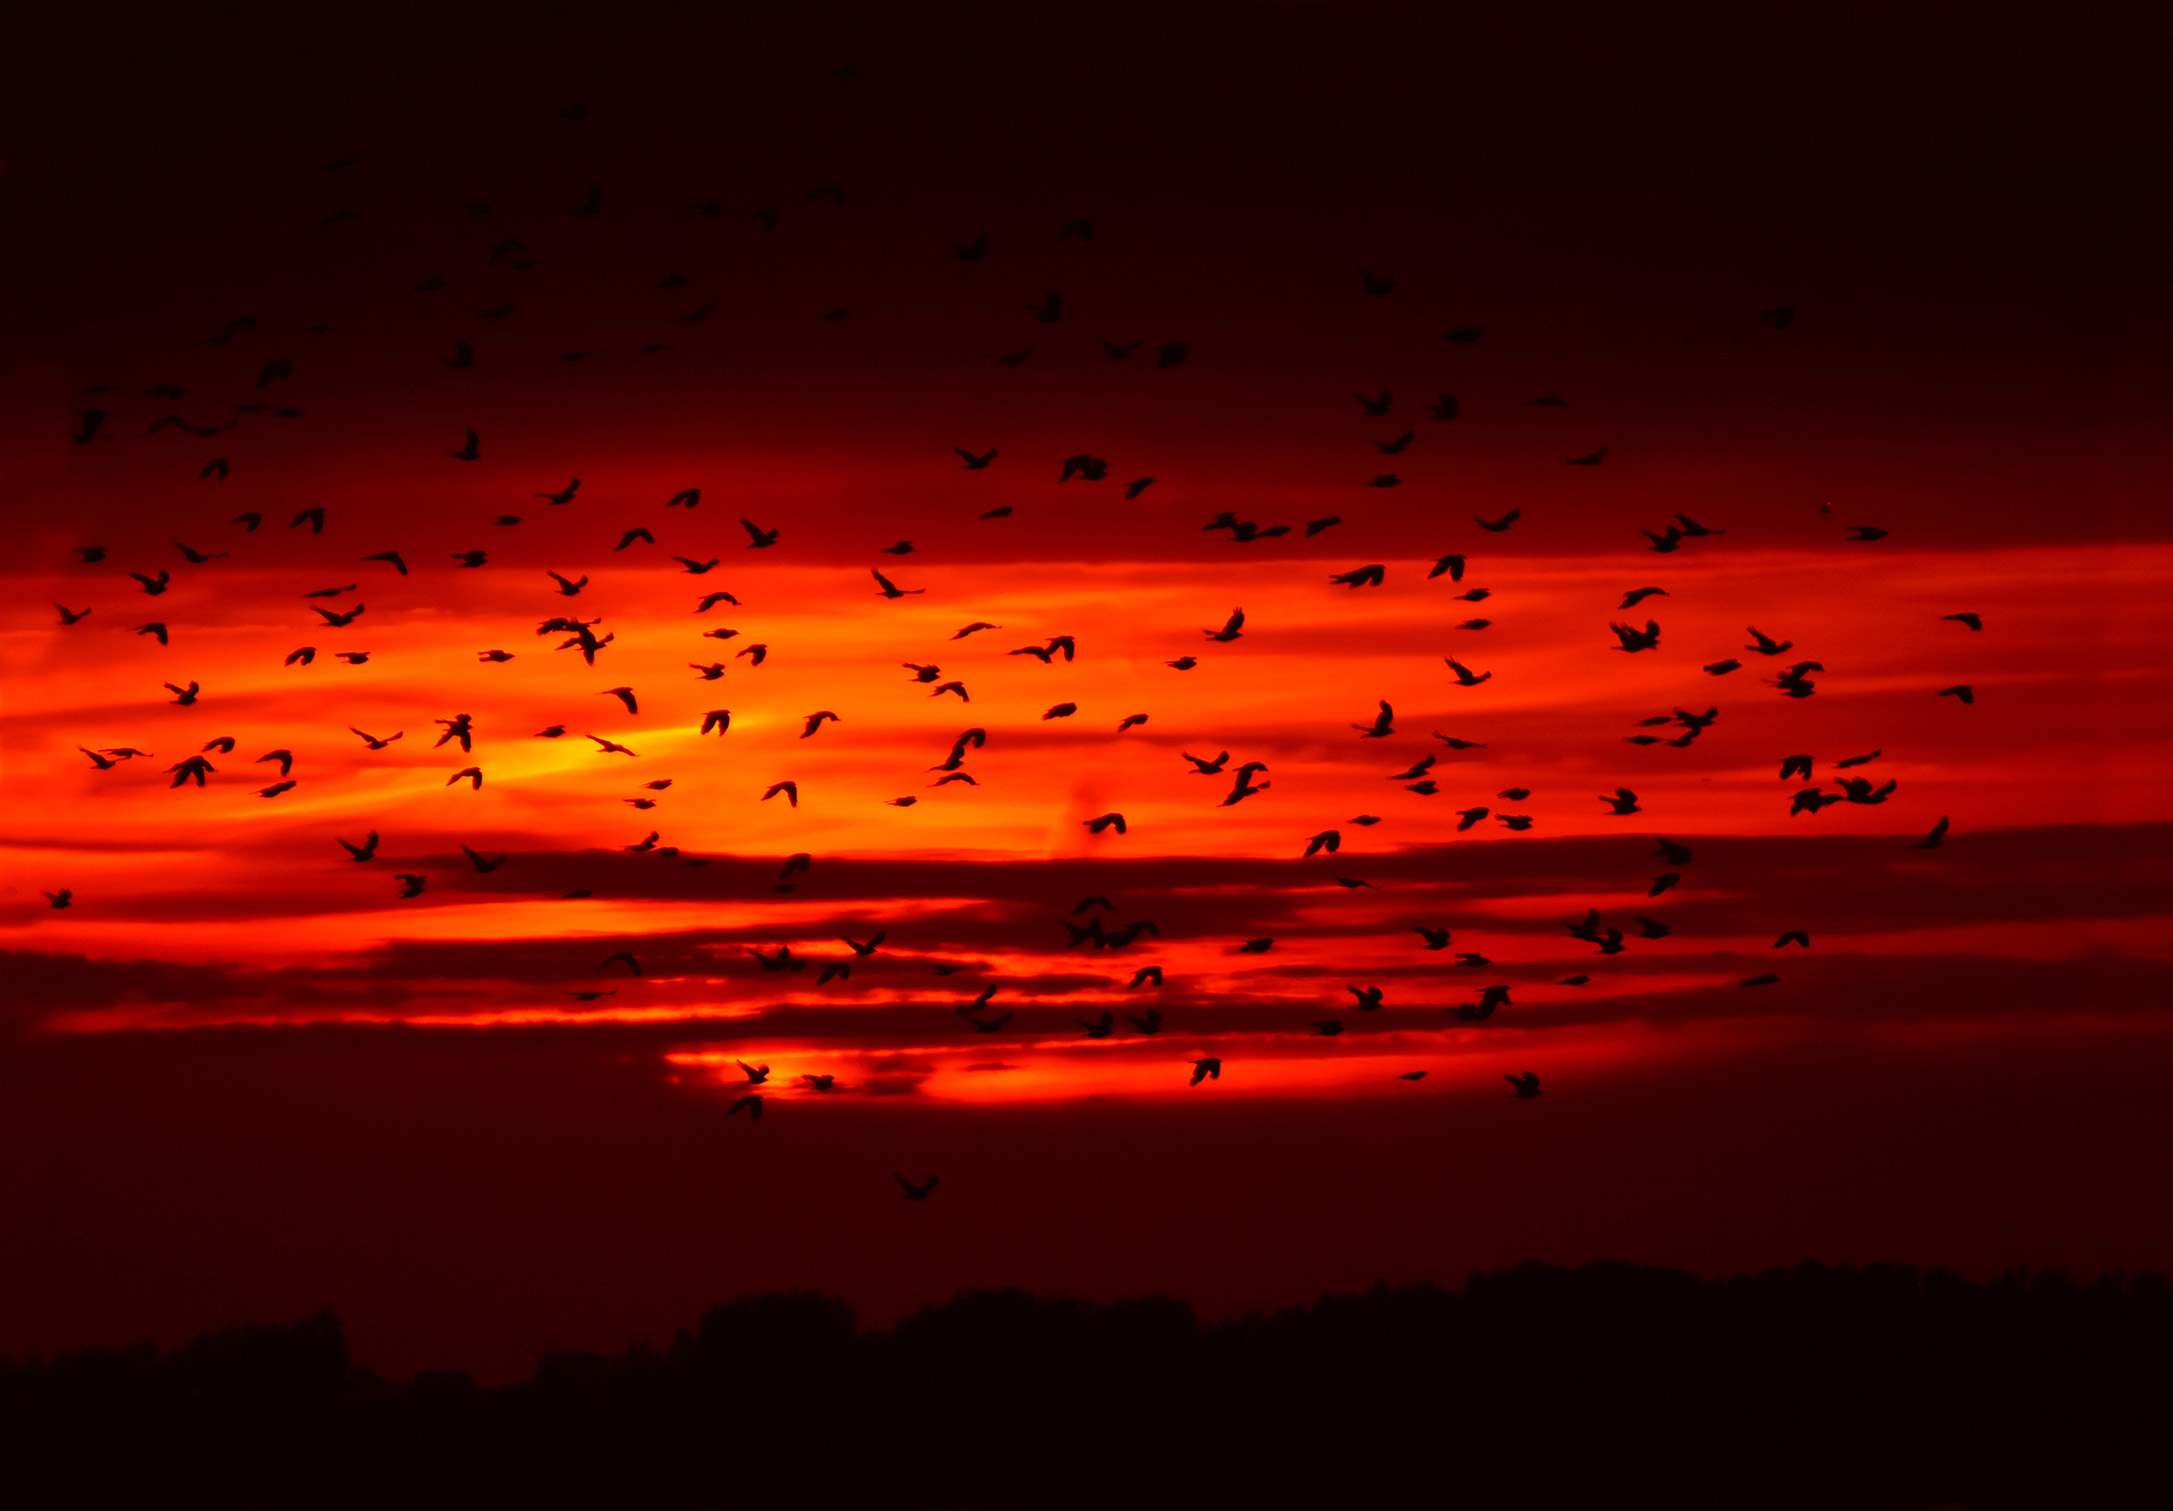 Zondag 9 juni 2019 tijdens het avondrood komt er een hele zwerm vogels langs vliegen - Foto: ©Louis Fraanje